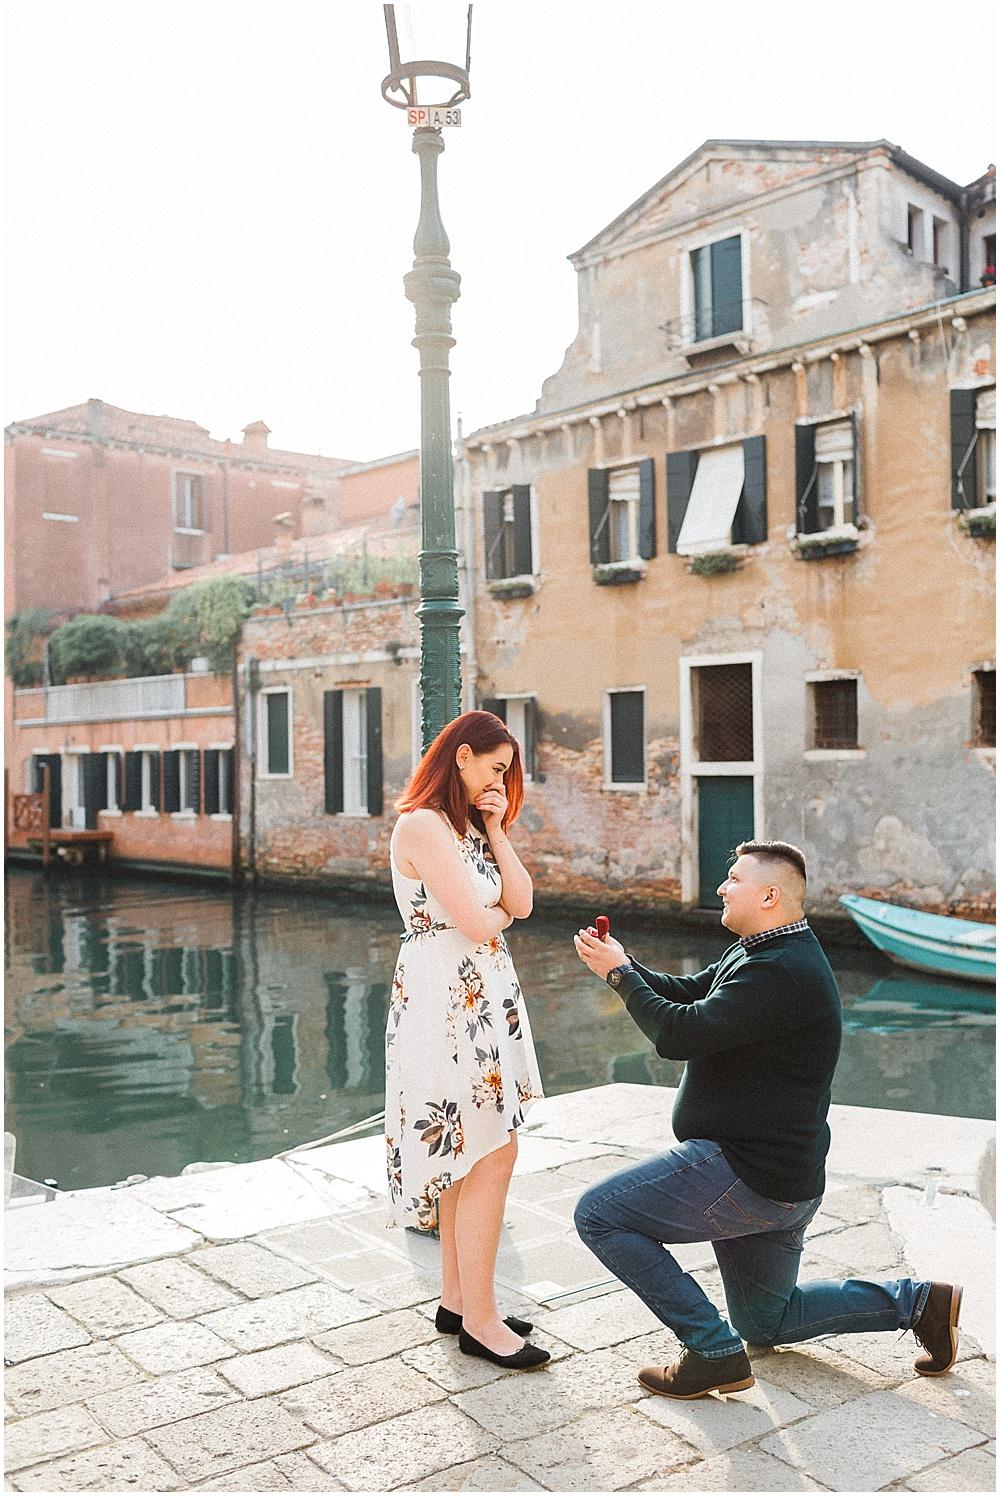 Venice-italy-wedding-photographer-stefano-degirmenci_0486.jpg